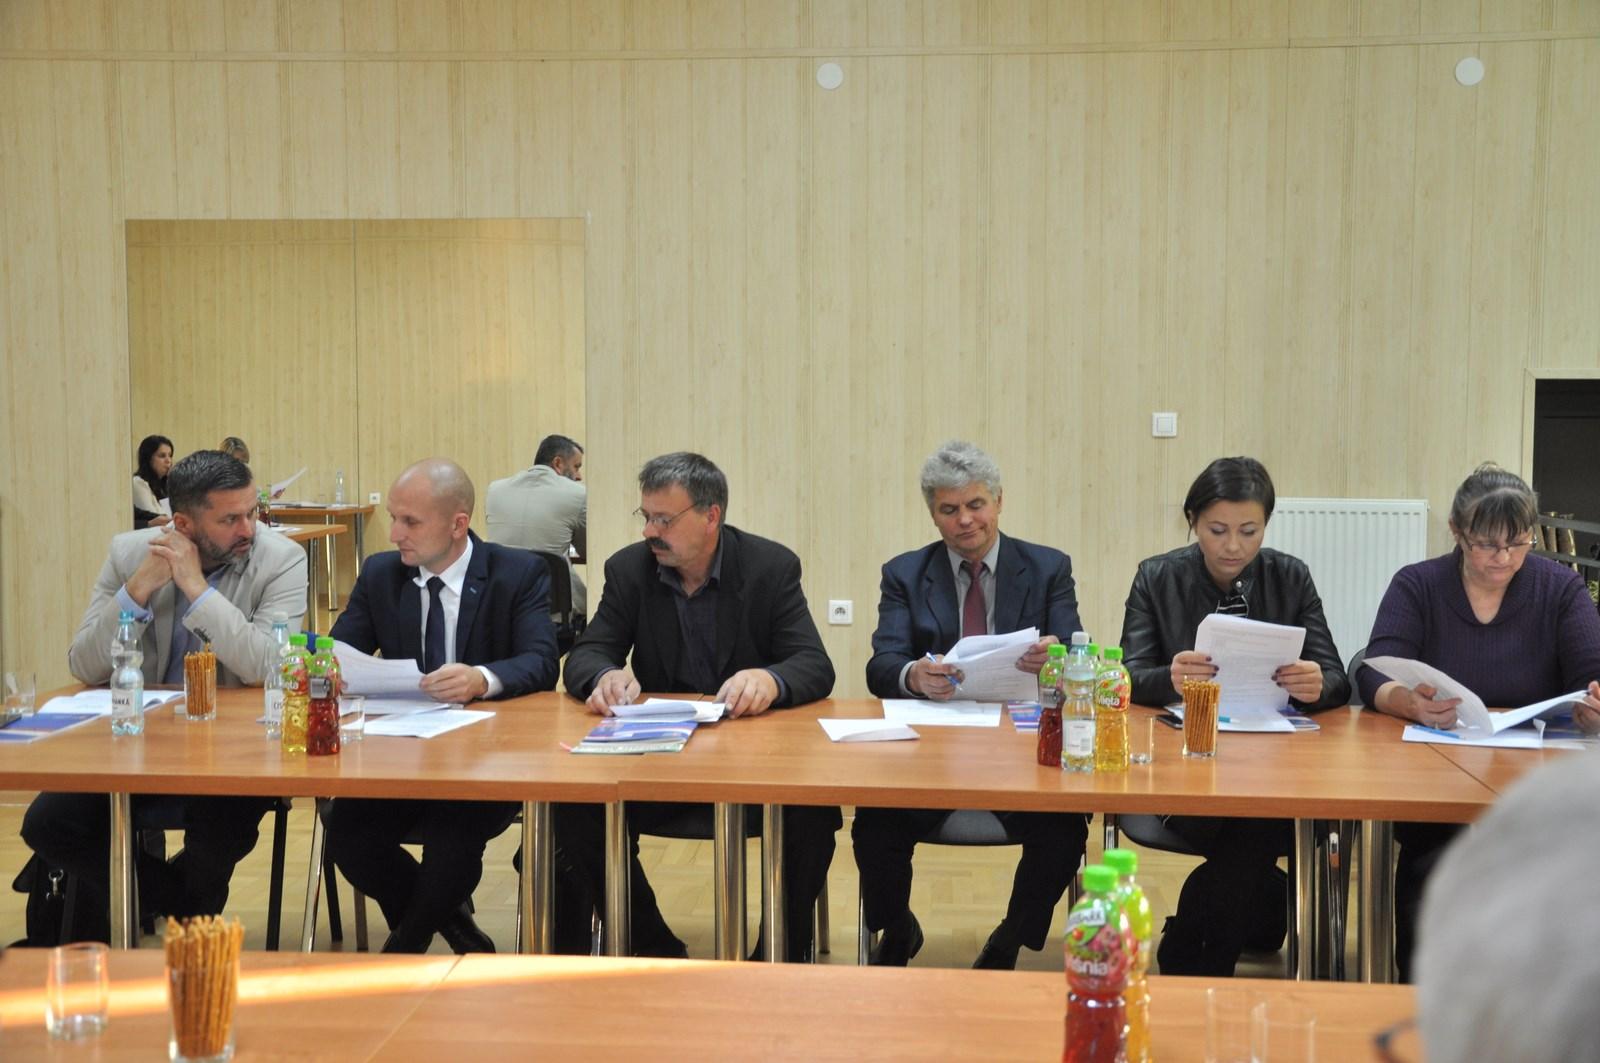 Radni gminy Raniżów wzięli wczoraj udział w ostatniej sesji tej kadencji [ZDJĘCIA] - Zdjęcie główne